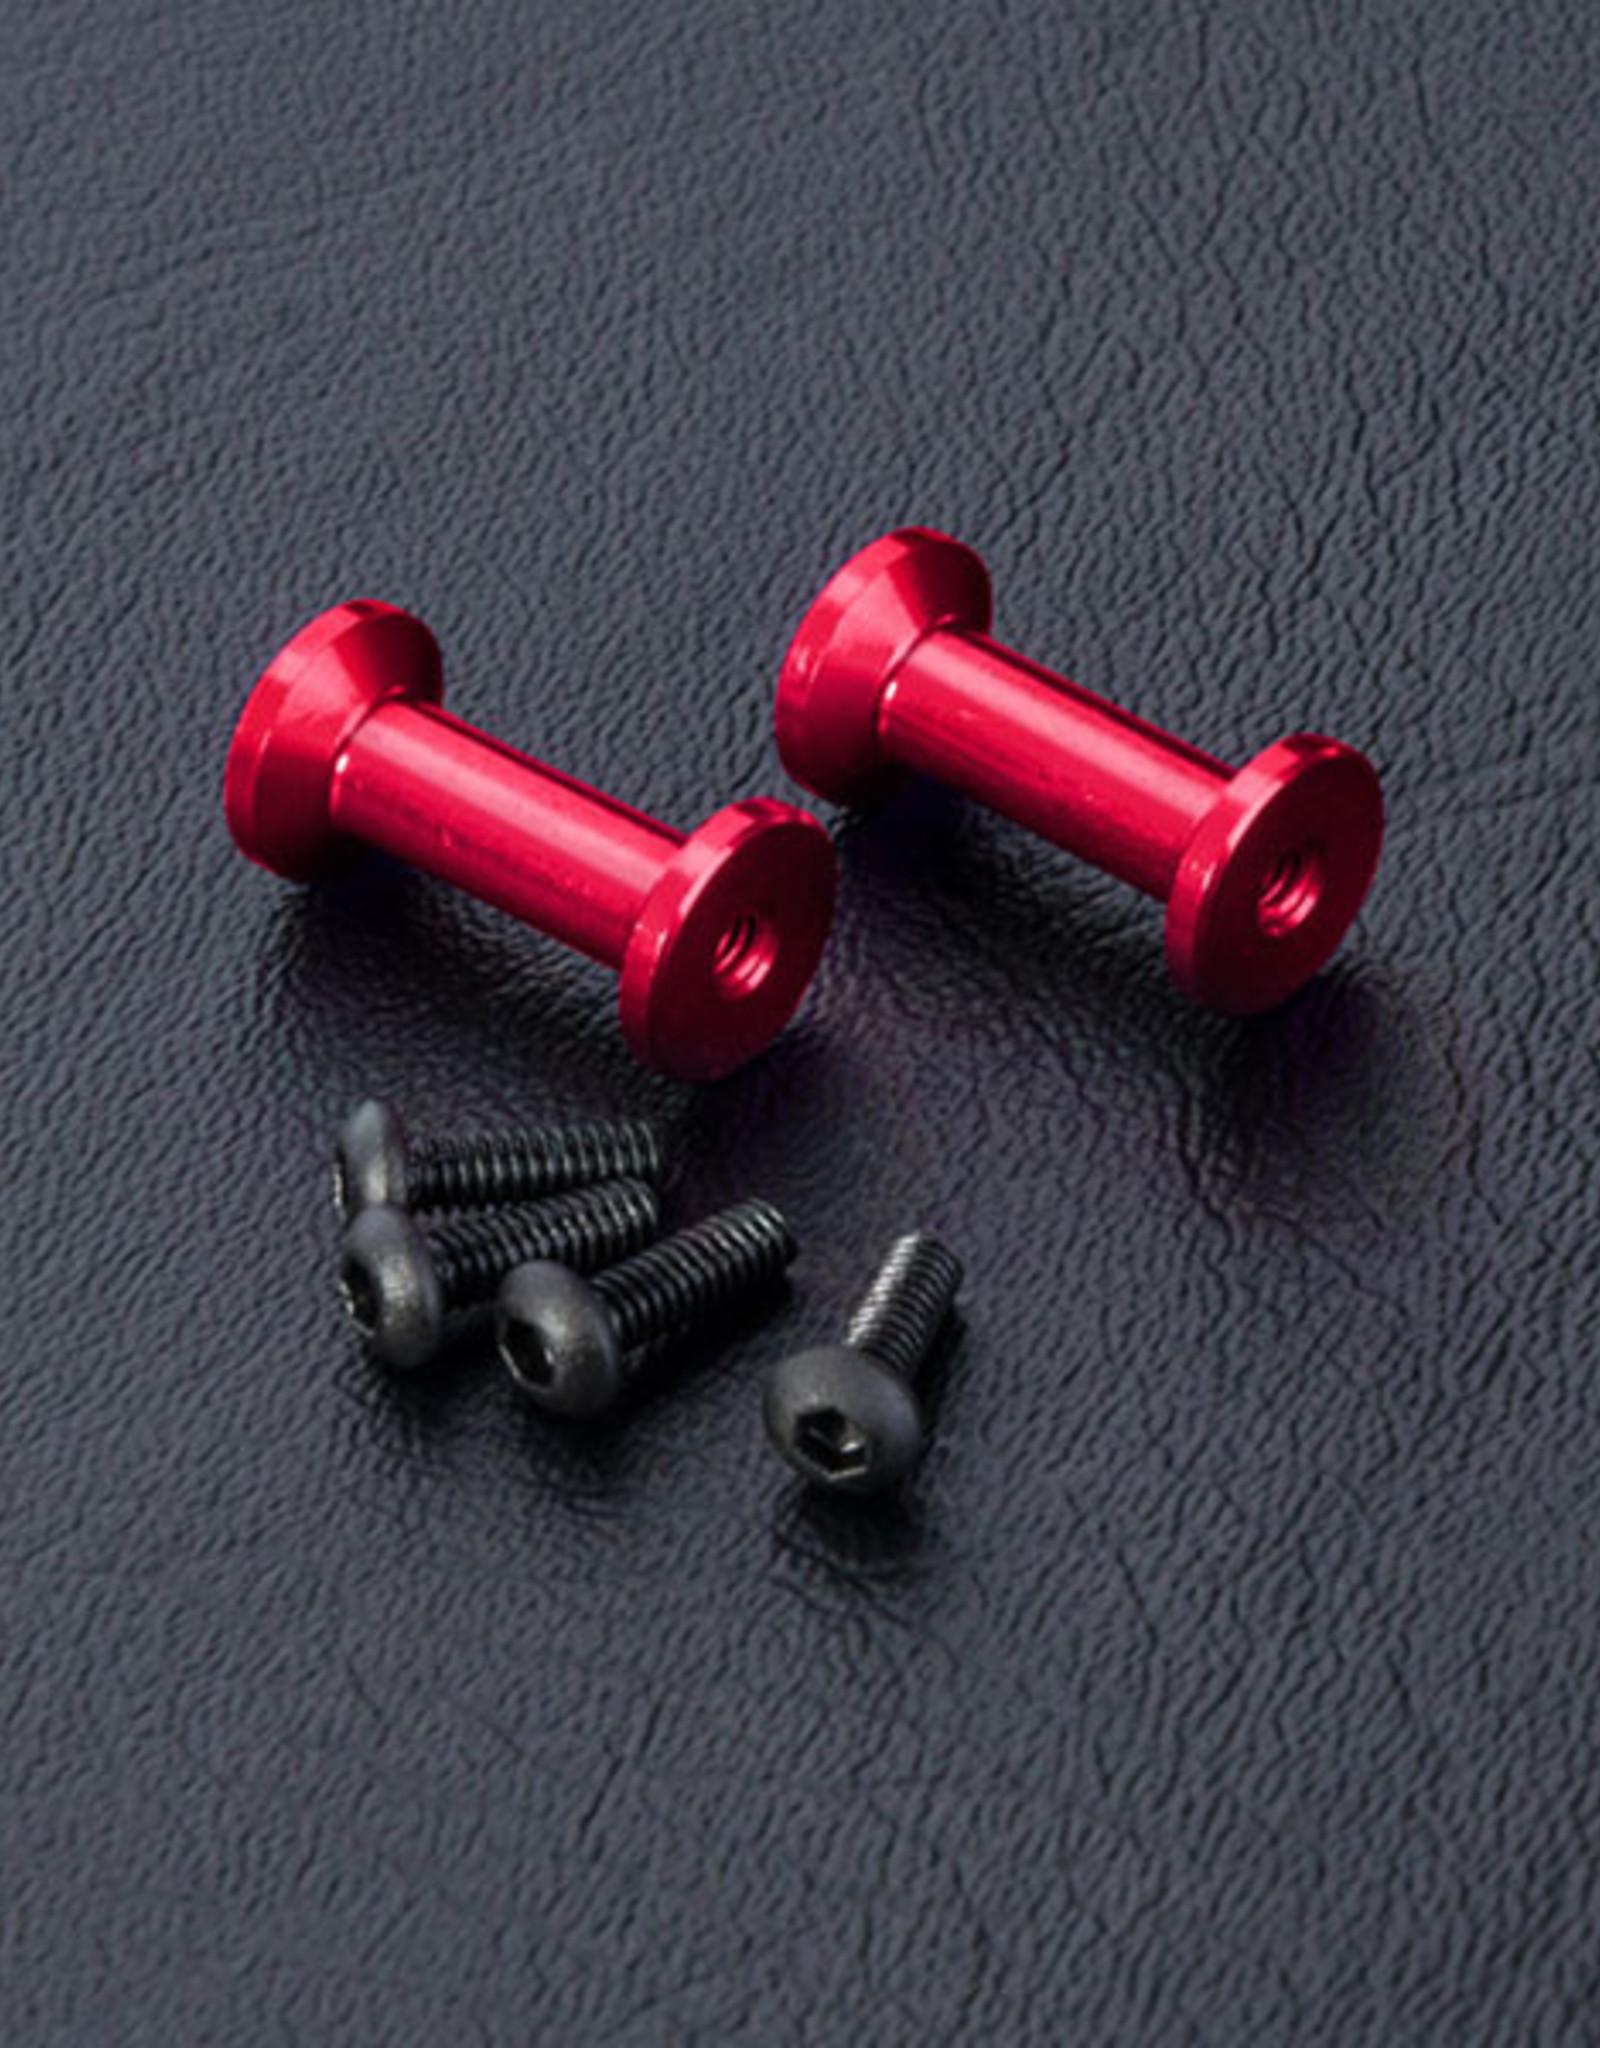 MST MXSPD210403R FXX Alum. strengthen post (red) (2) by MST 210403R